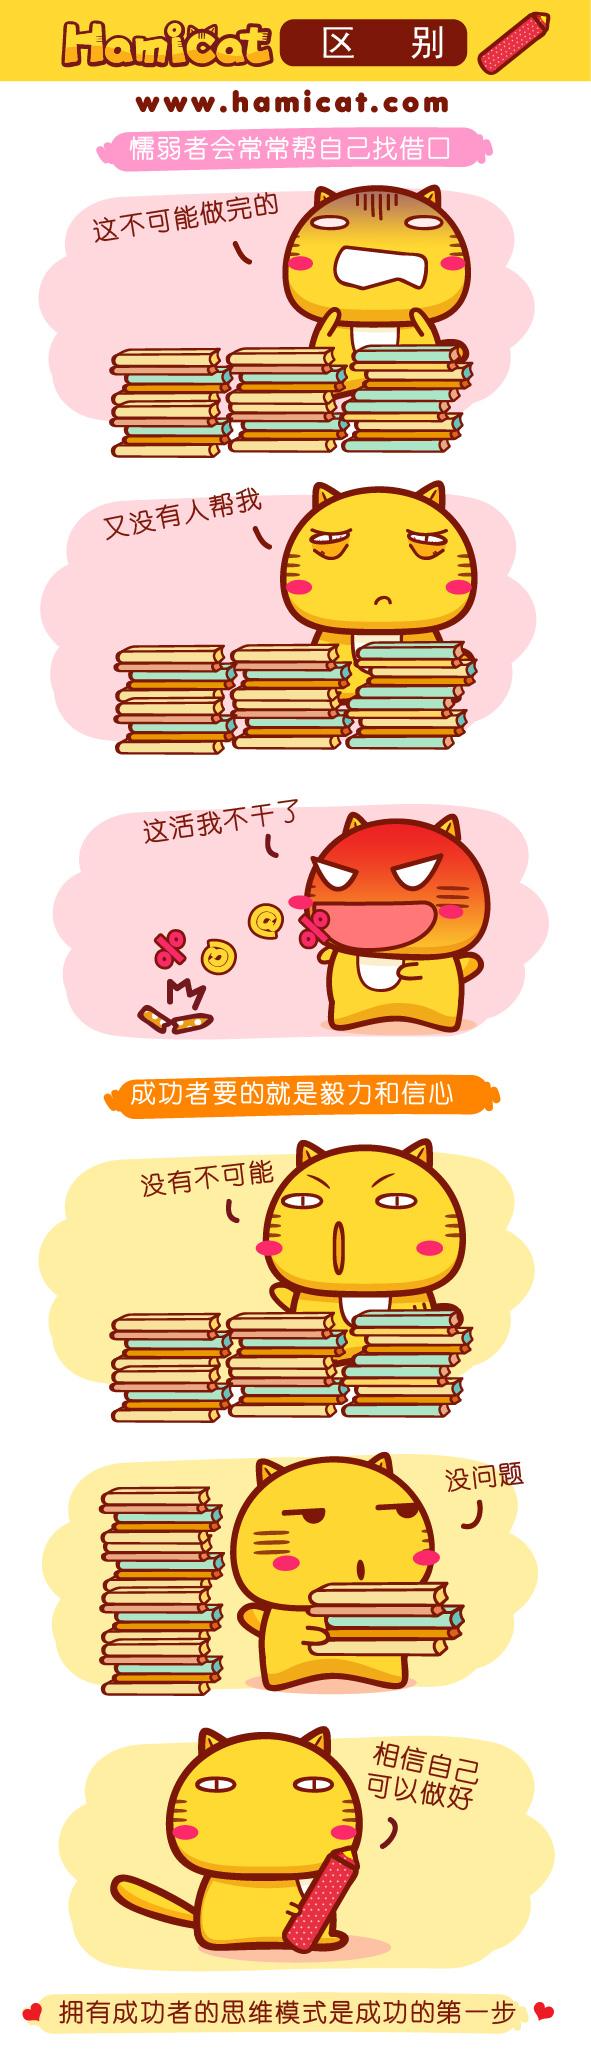 Hamicat漫画61-80_区别